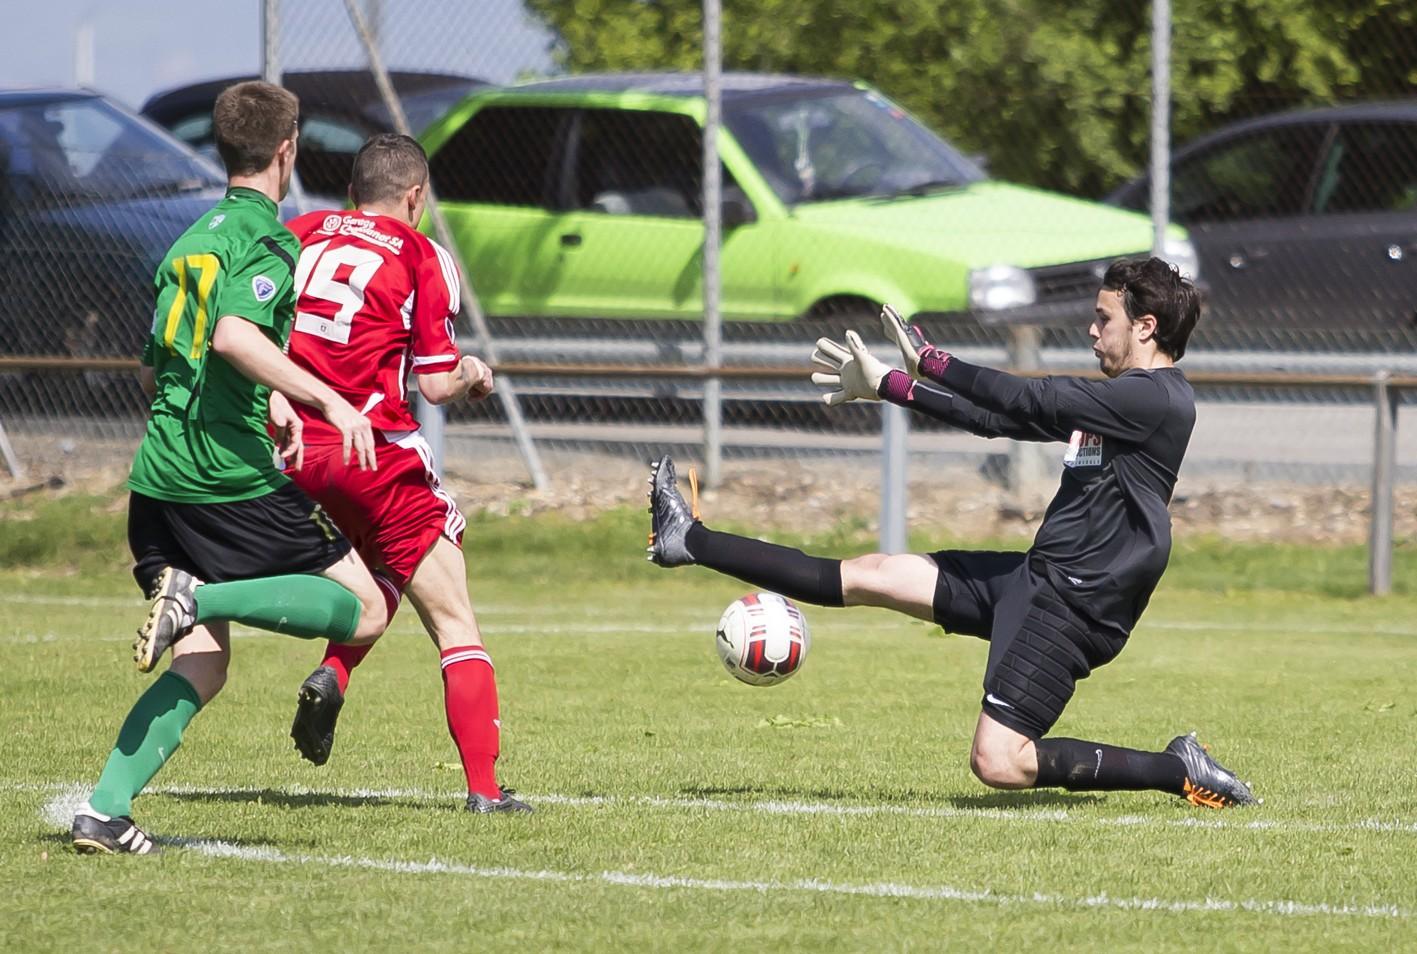 Fc Compesières vs Fc Veyrier sport 0-3